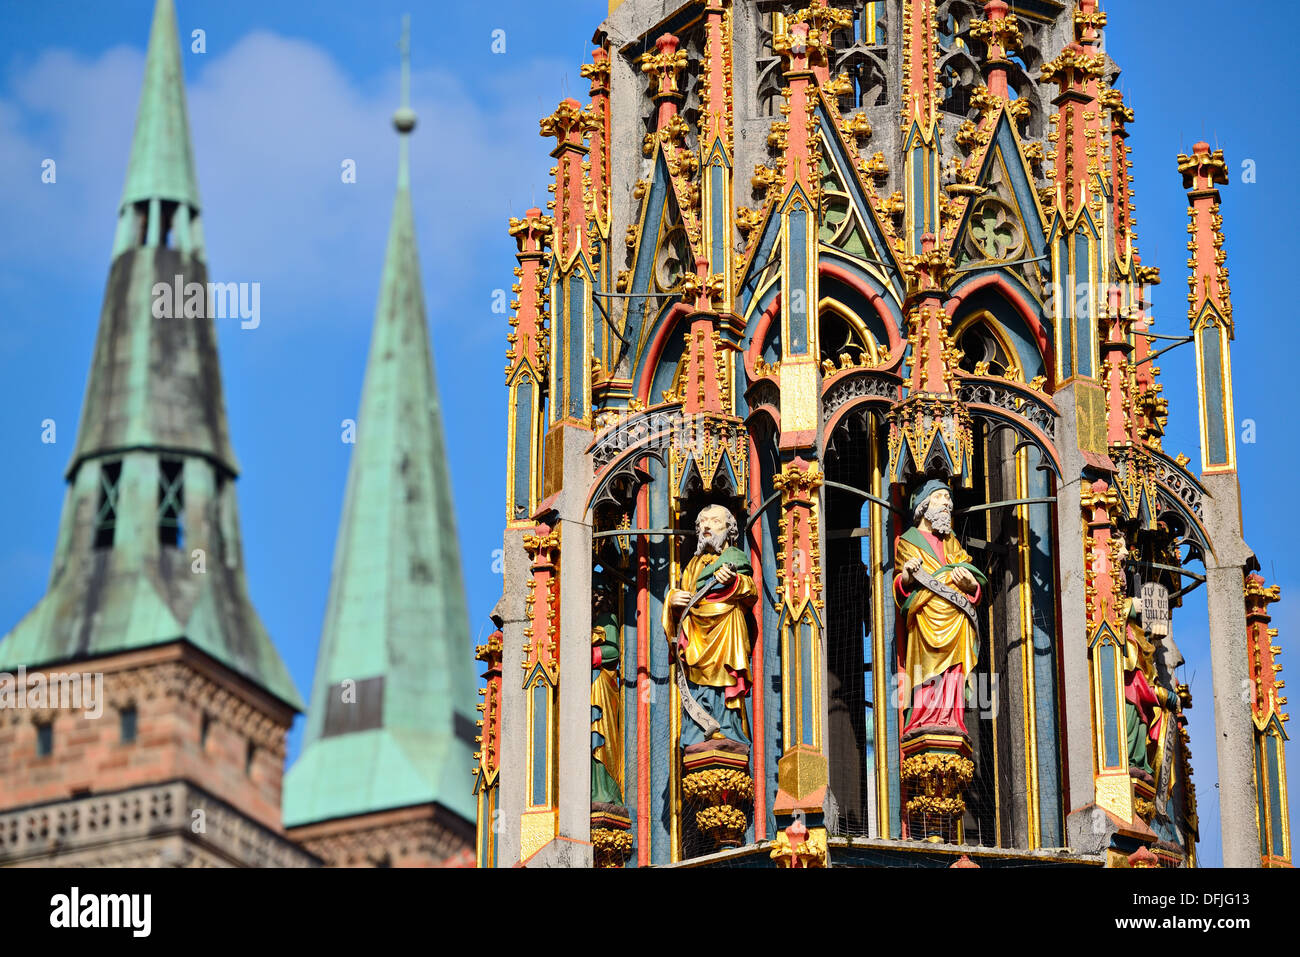 Detalle de la hermosa fuente en Nuremberg, Alemania. Imagen De Stock